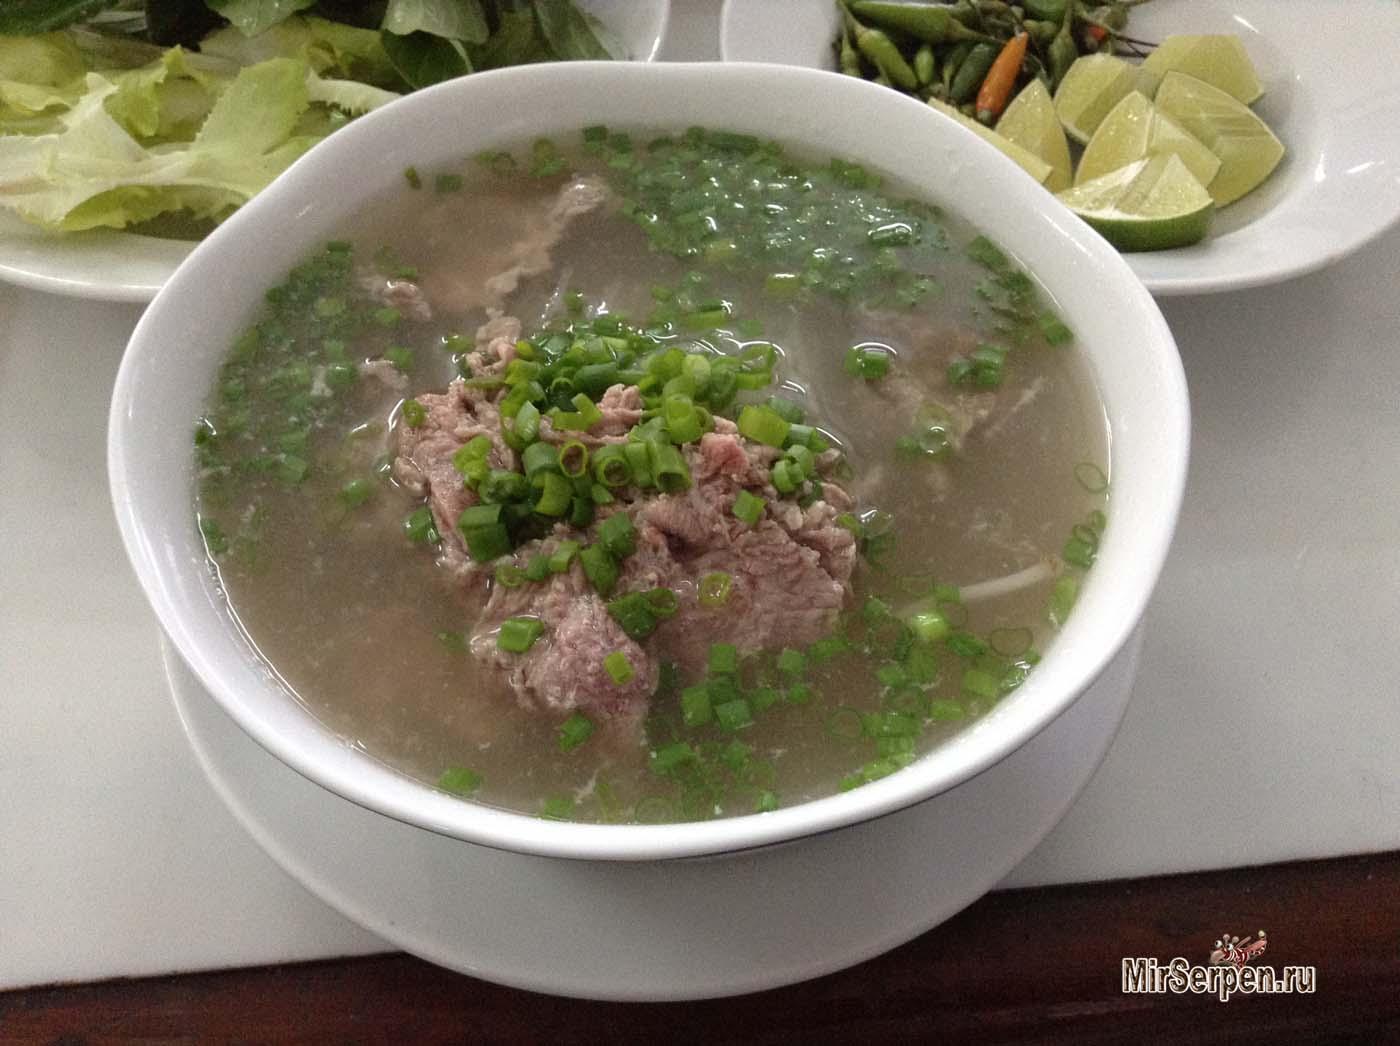 Суп Фо Бо - 6 рецептов в домашних условиях 55